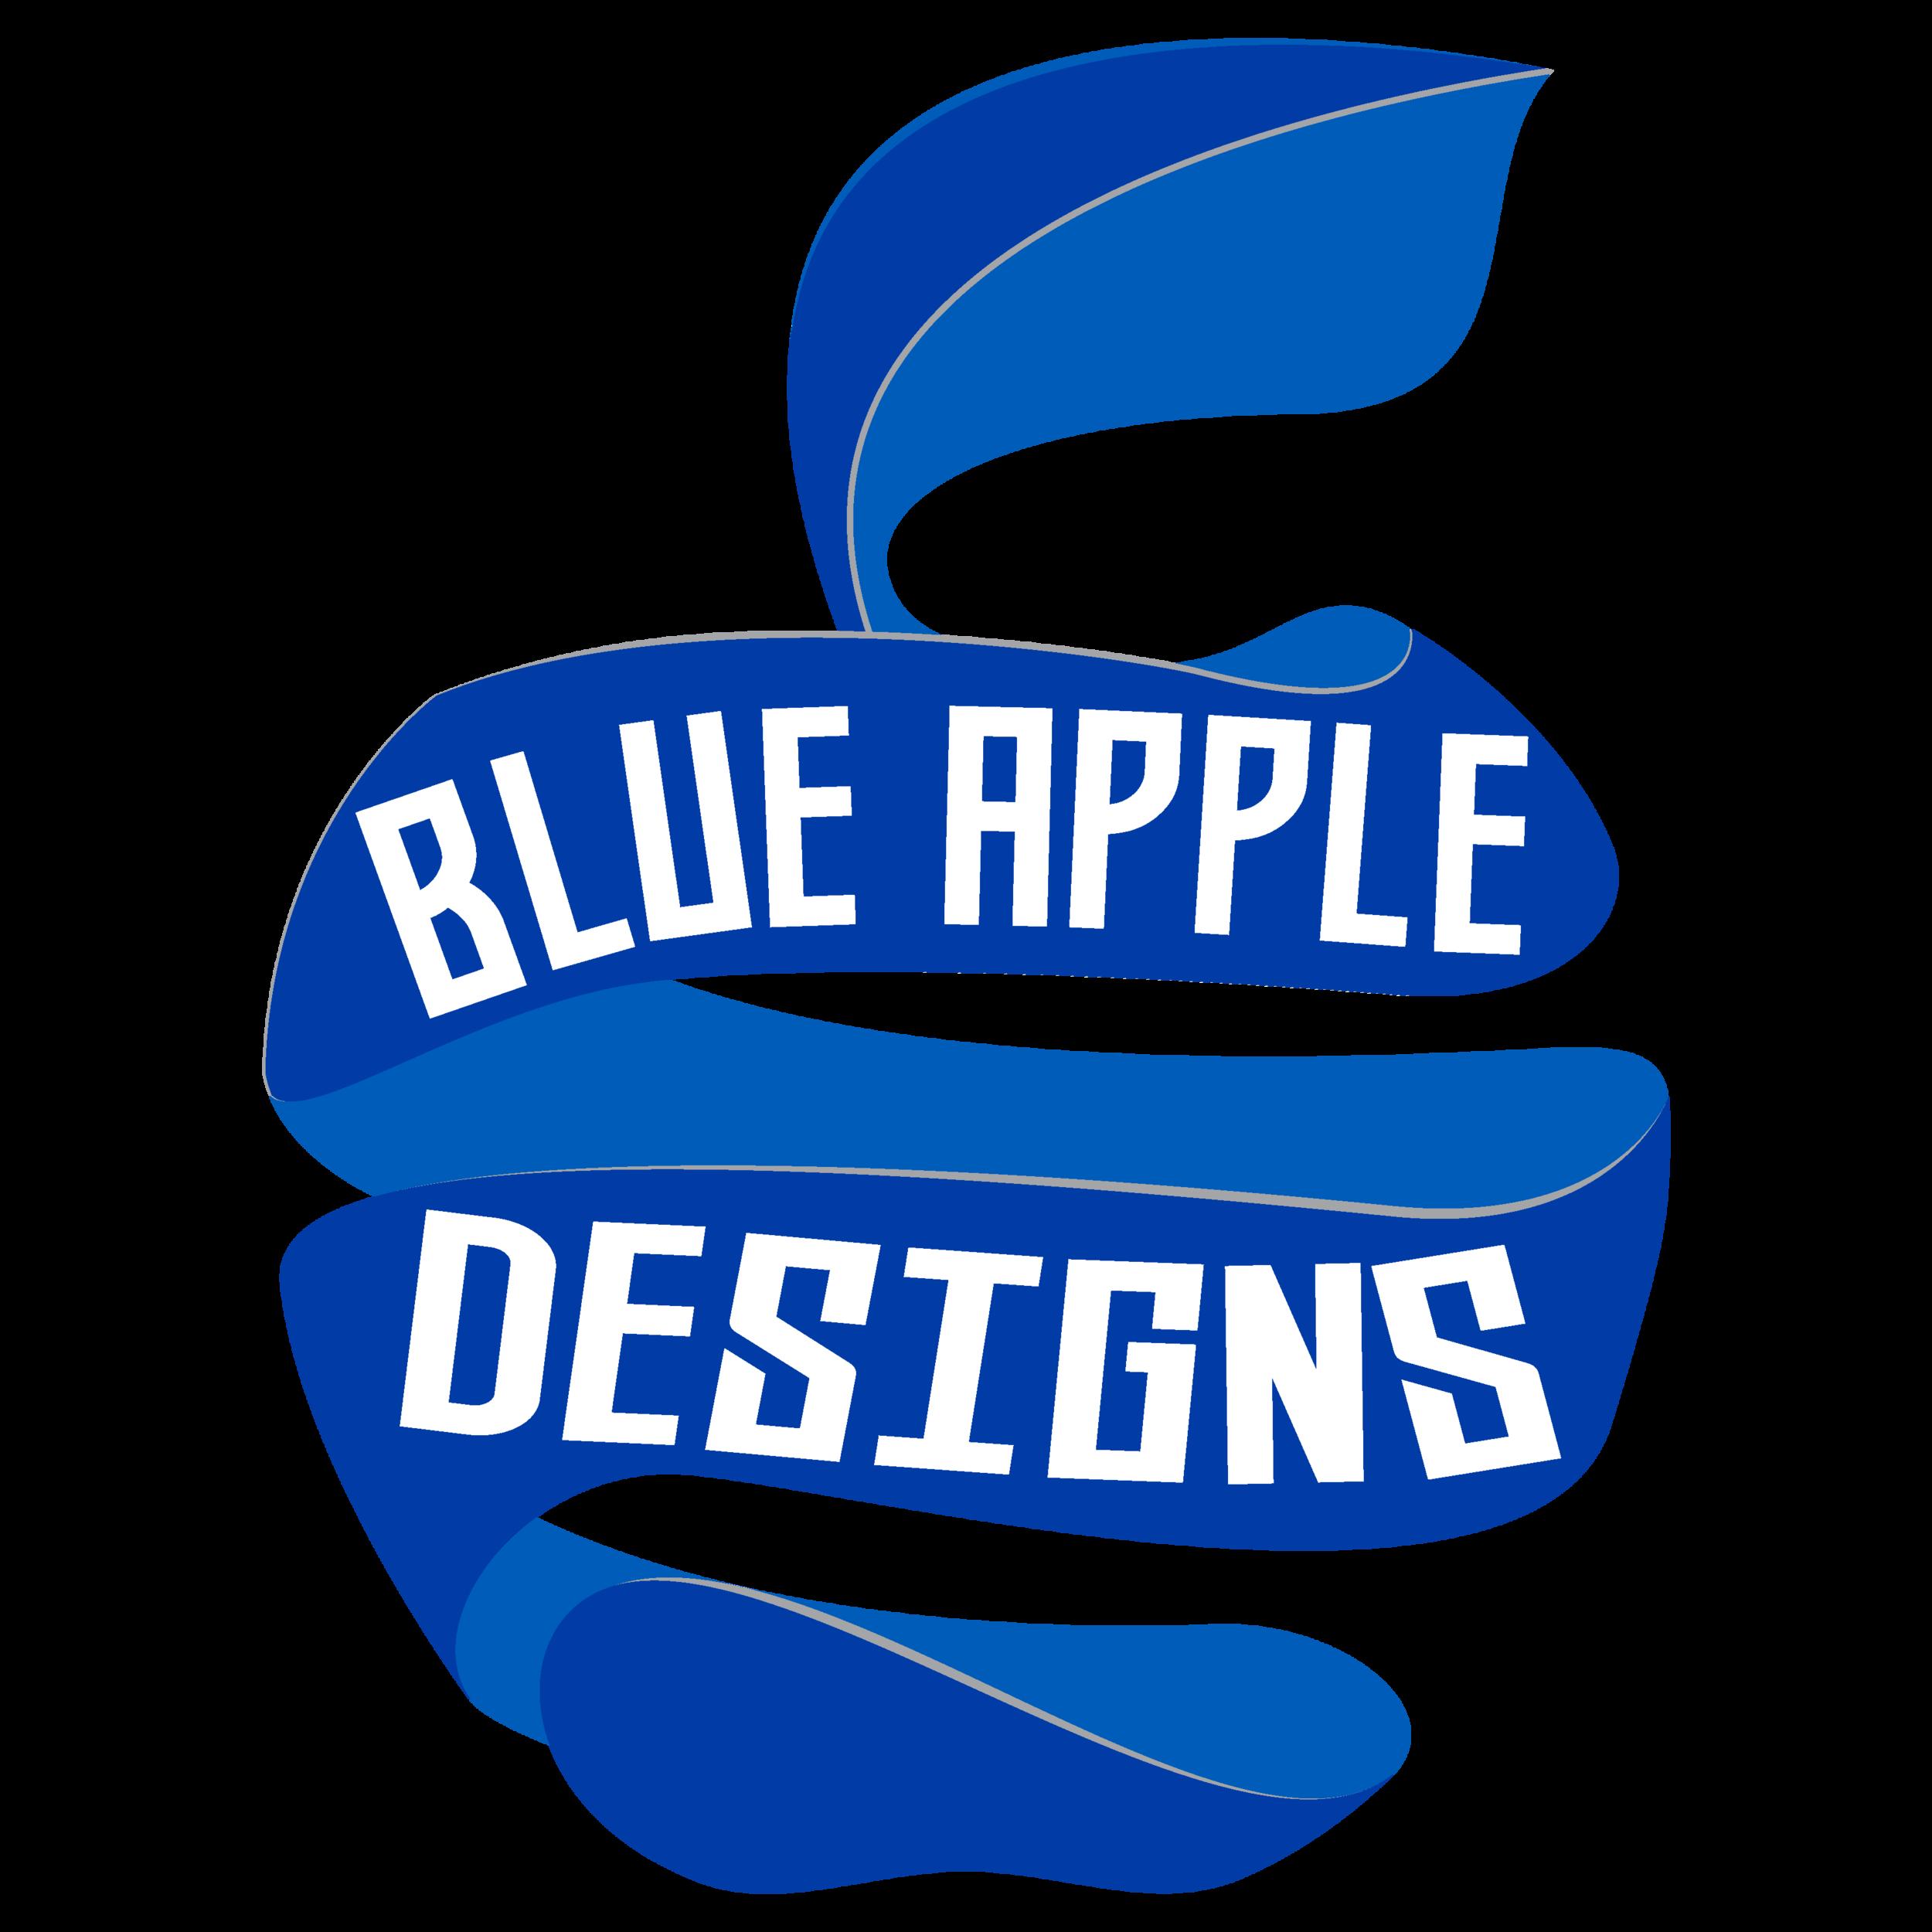 Design apple clipart clipart transparent library BLUE APPLE DESIGNS clipart transparent library